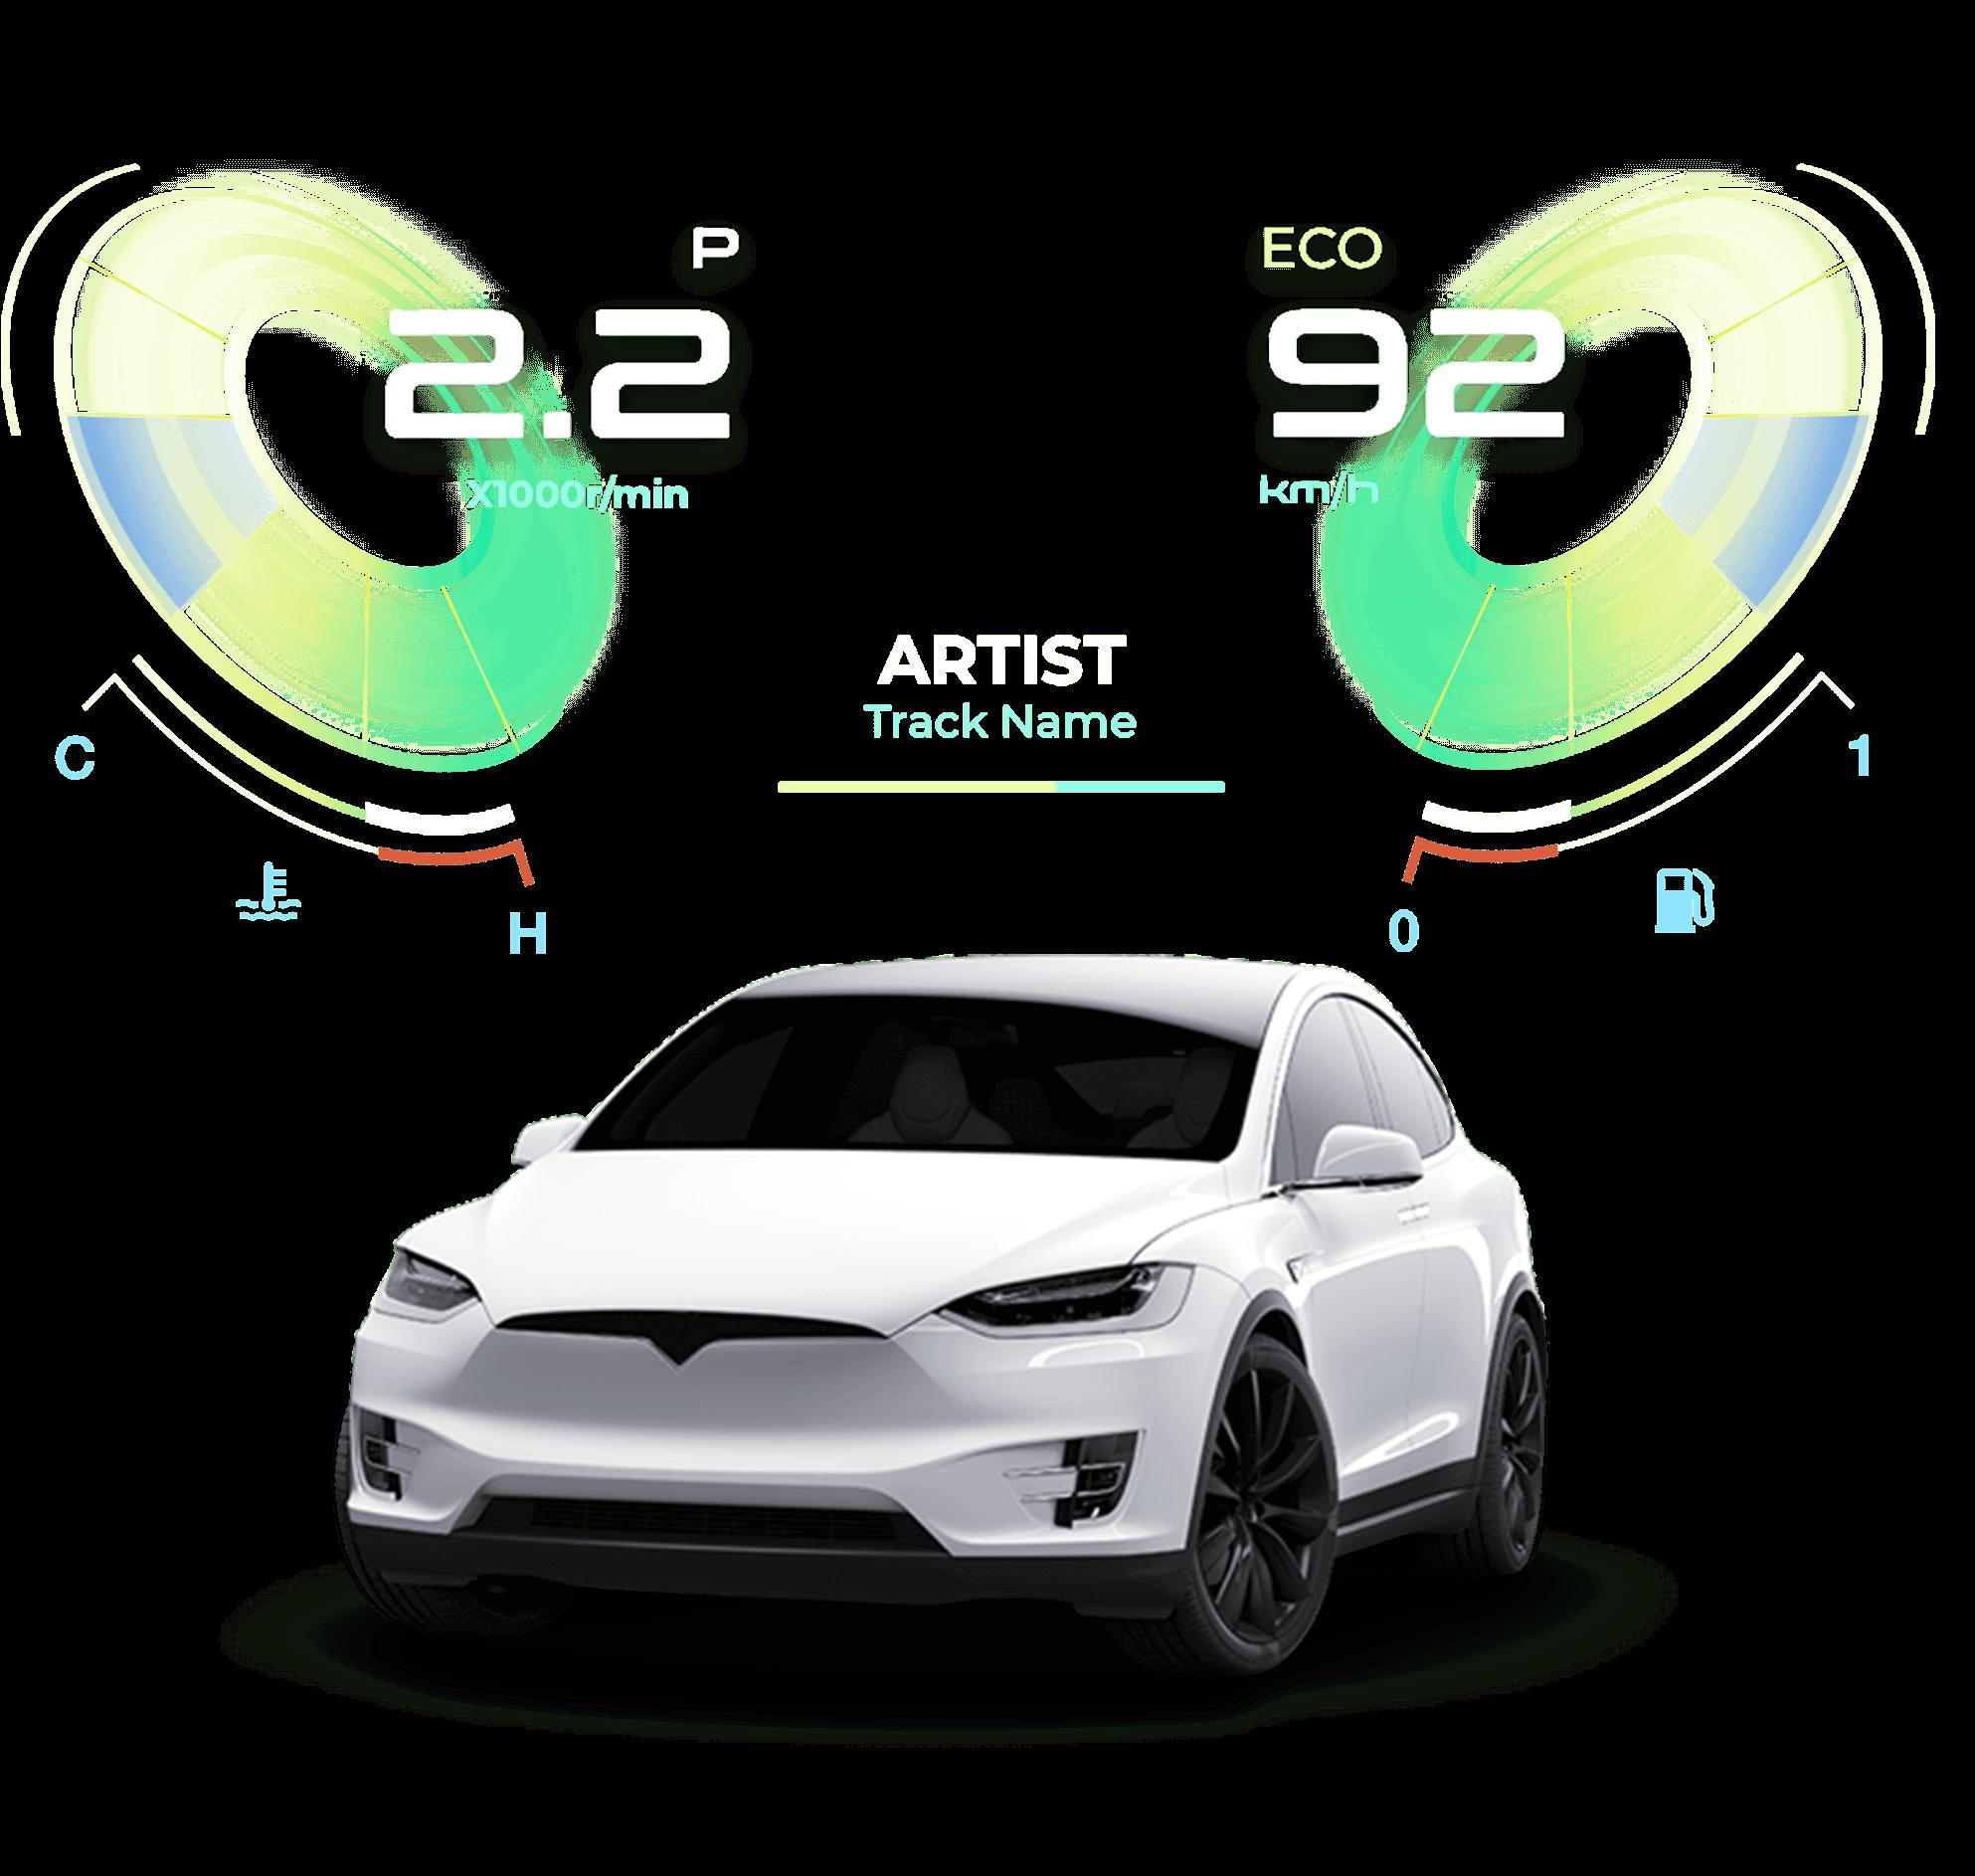 comm-hero-automotive